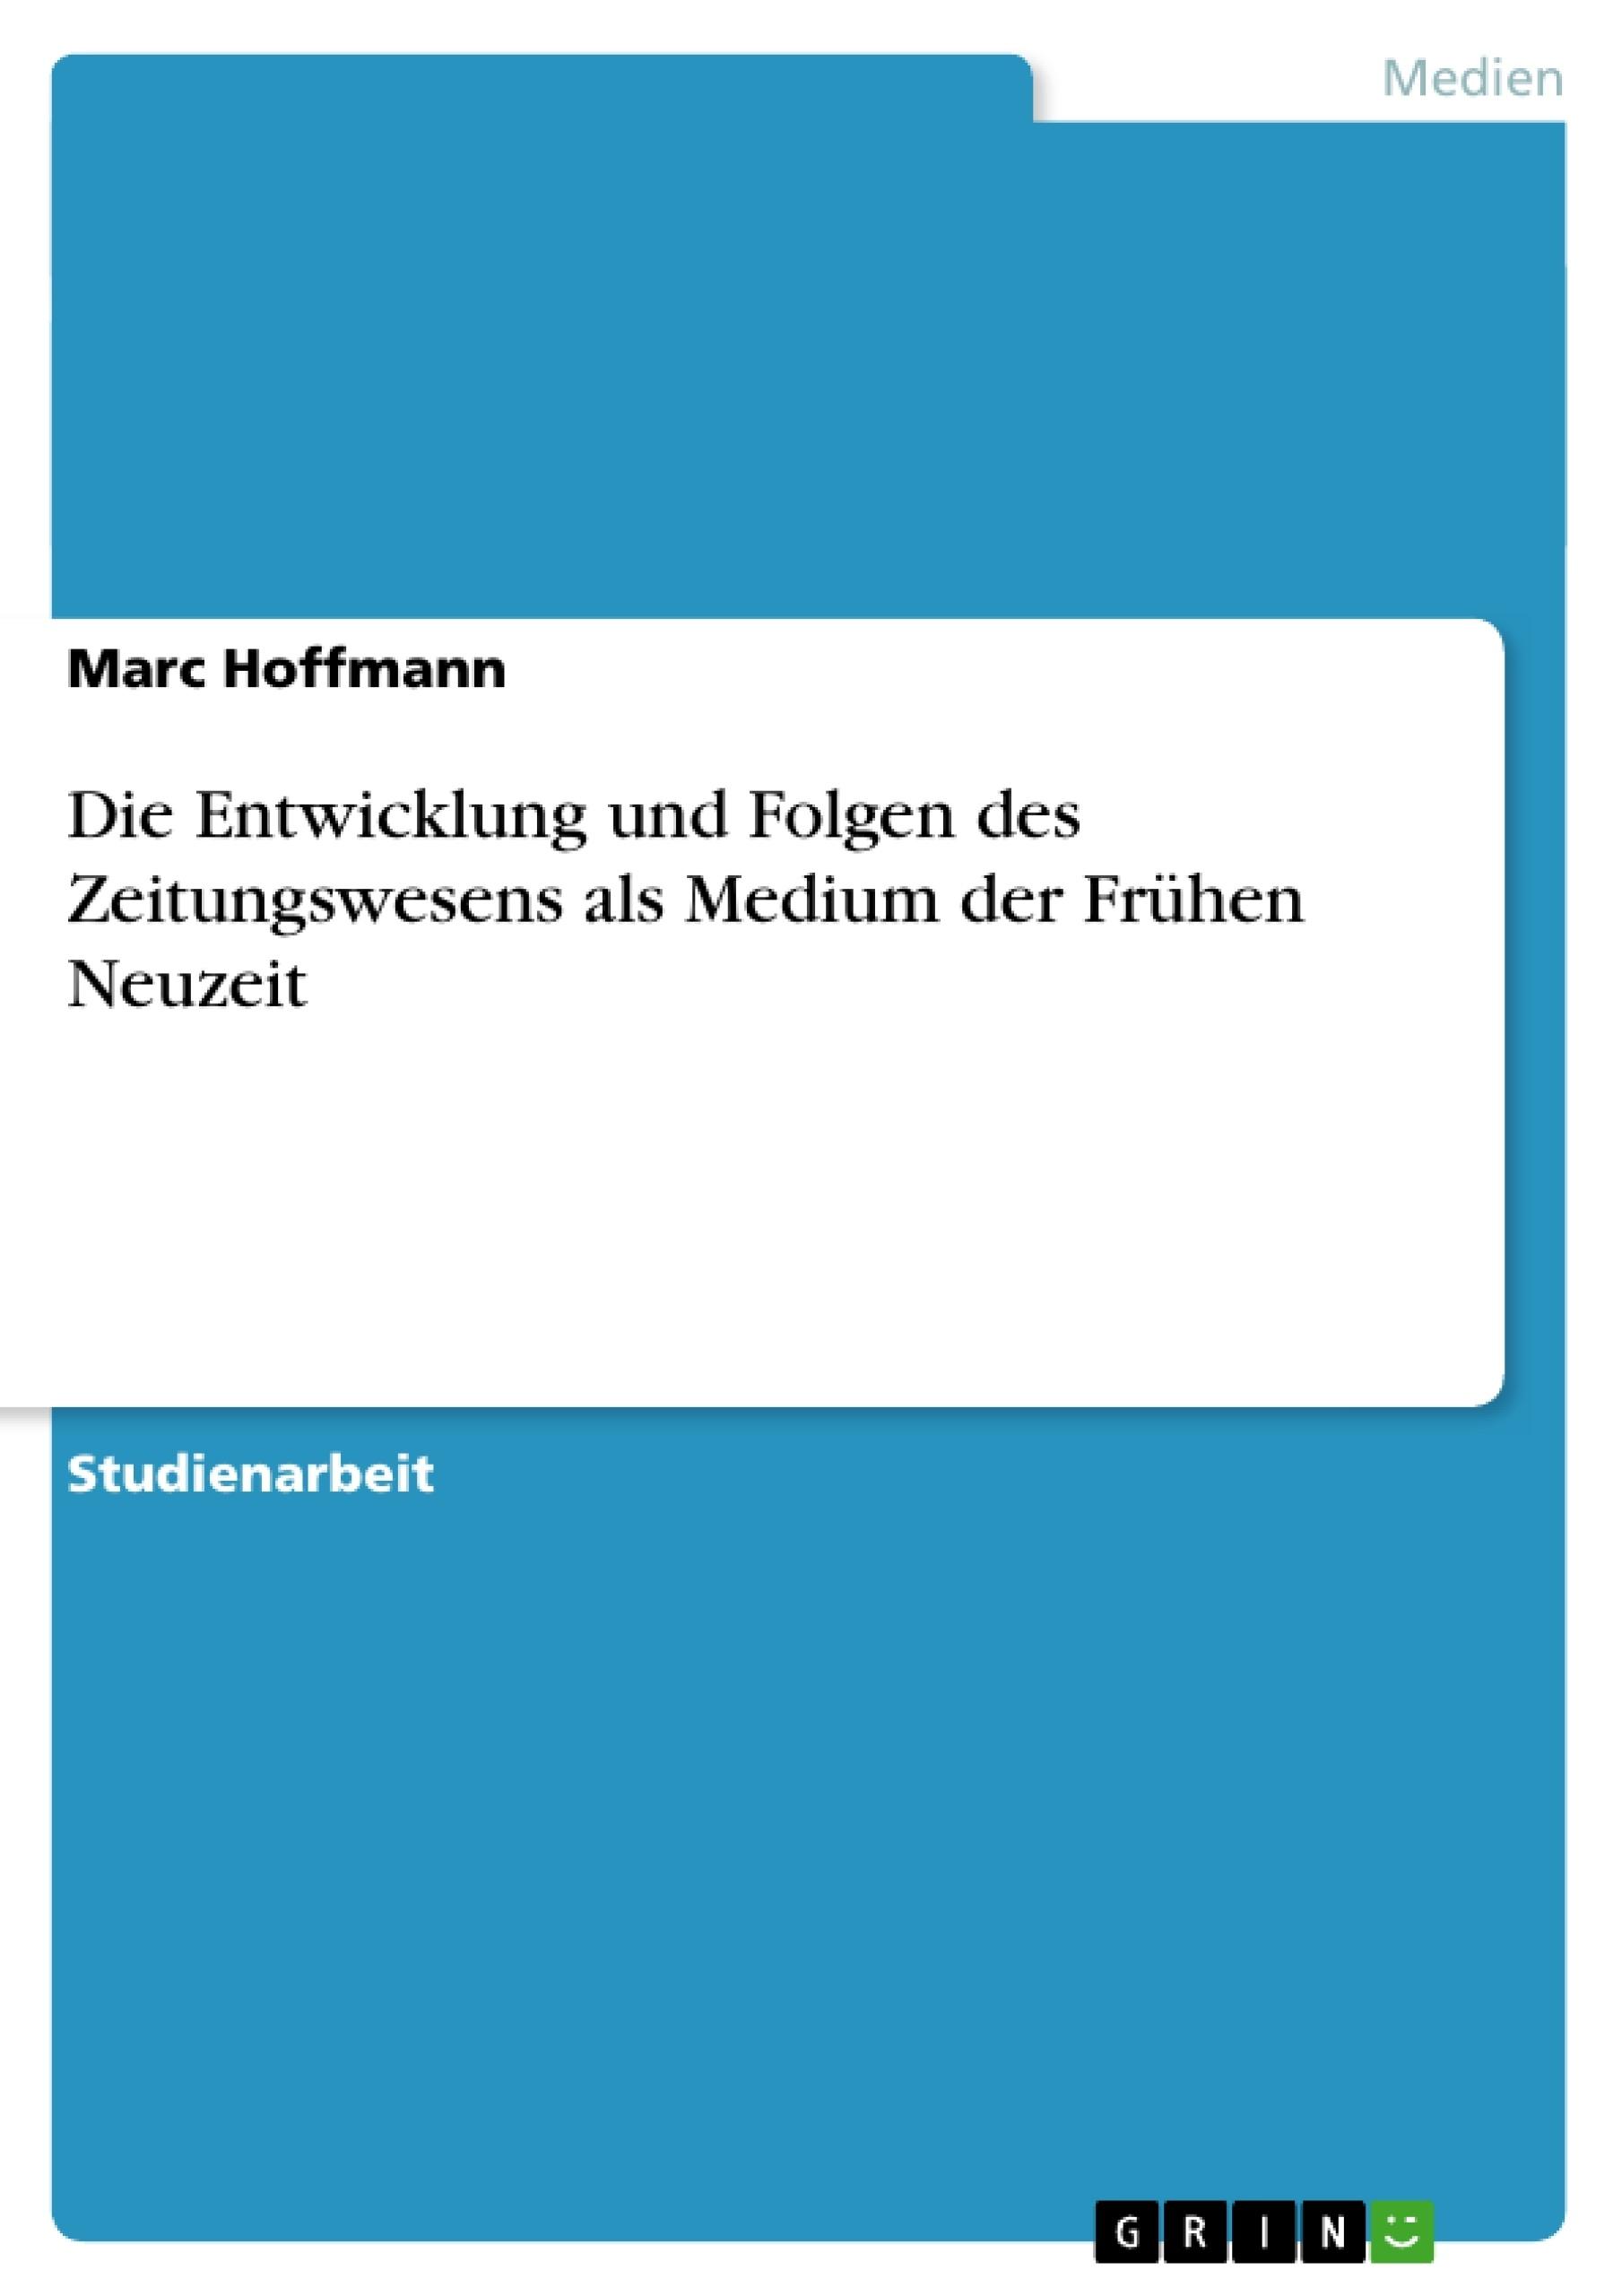 Titel: Die Entwicklung und Folgen des Zeitungswesens als Medium der Frühen Neuzeit